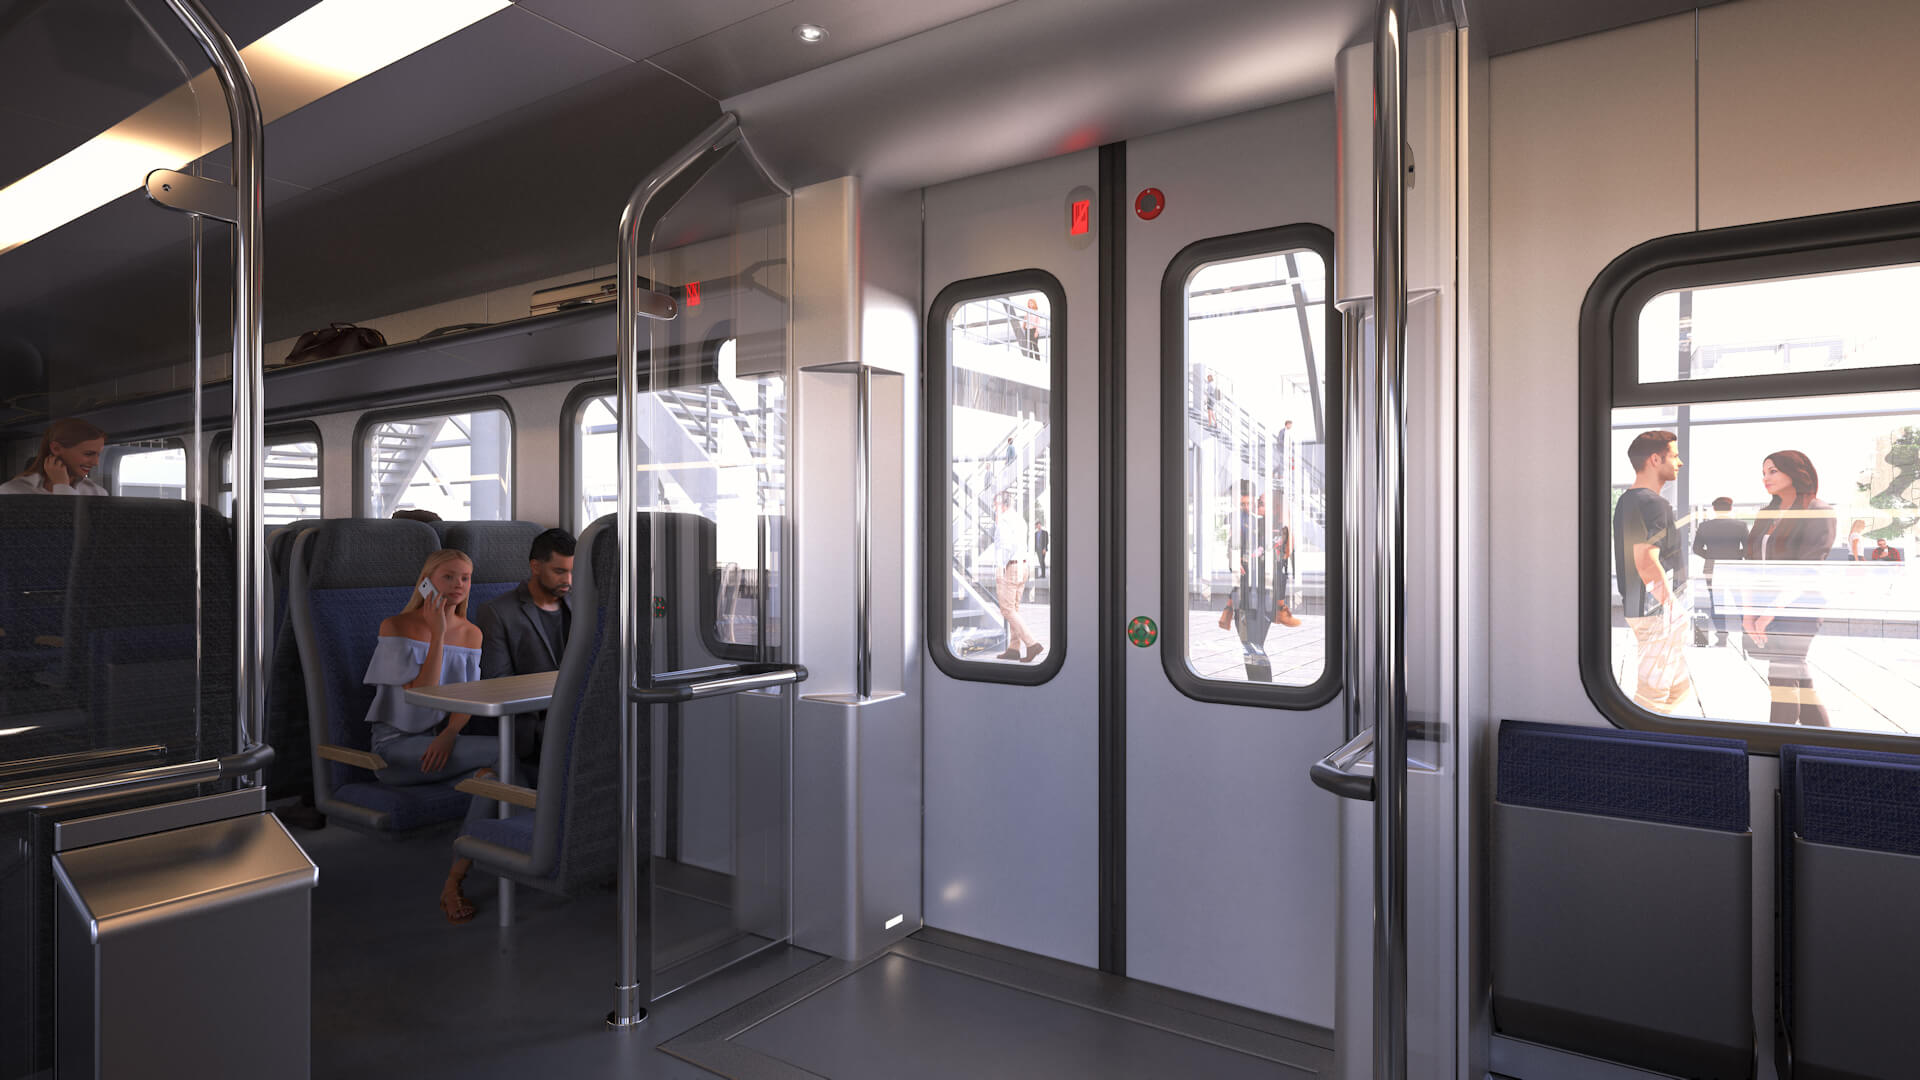 Anwendungsbereich Bahn Türeinstieg Innen